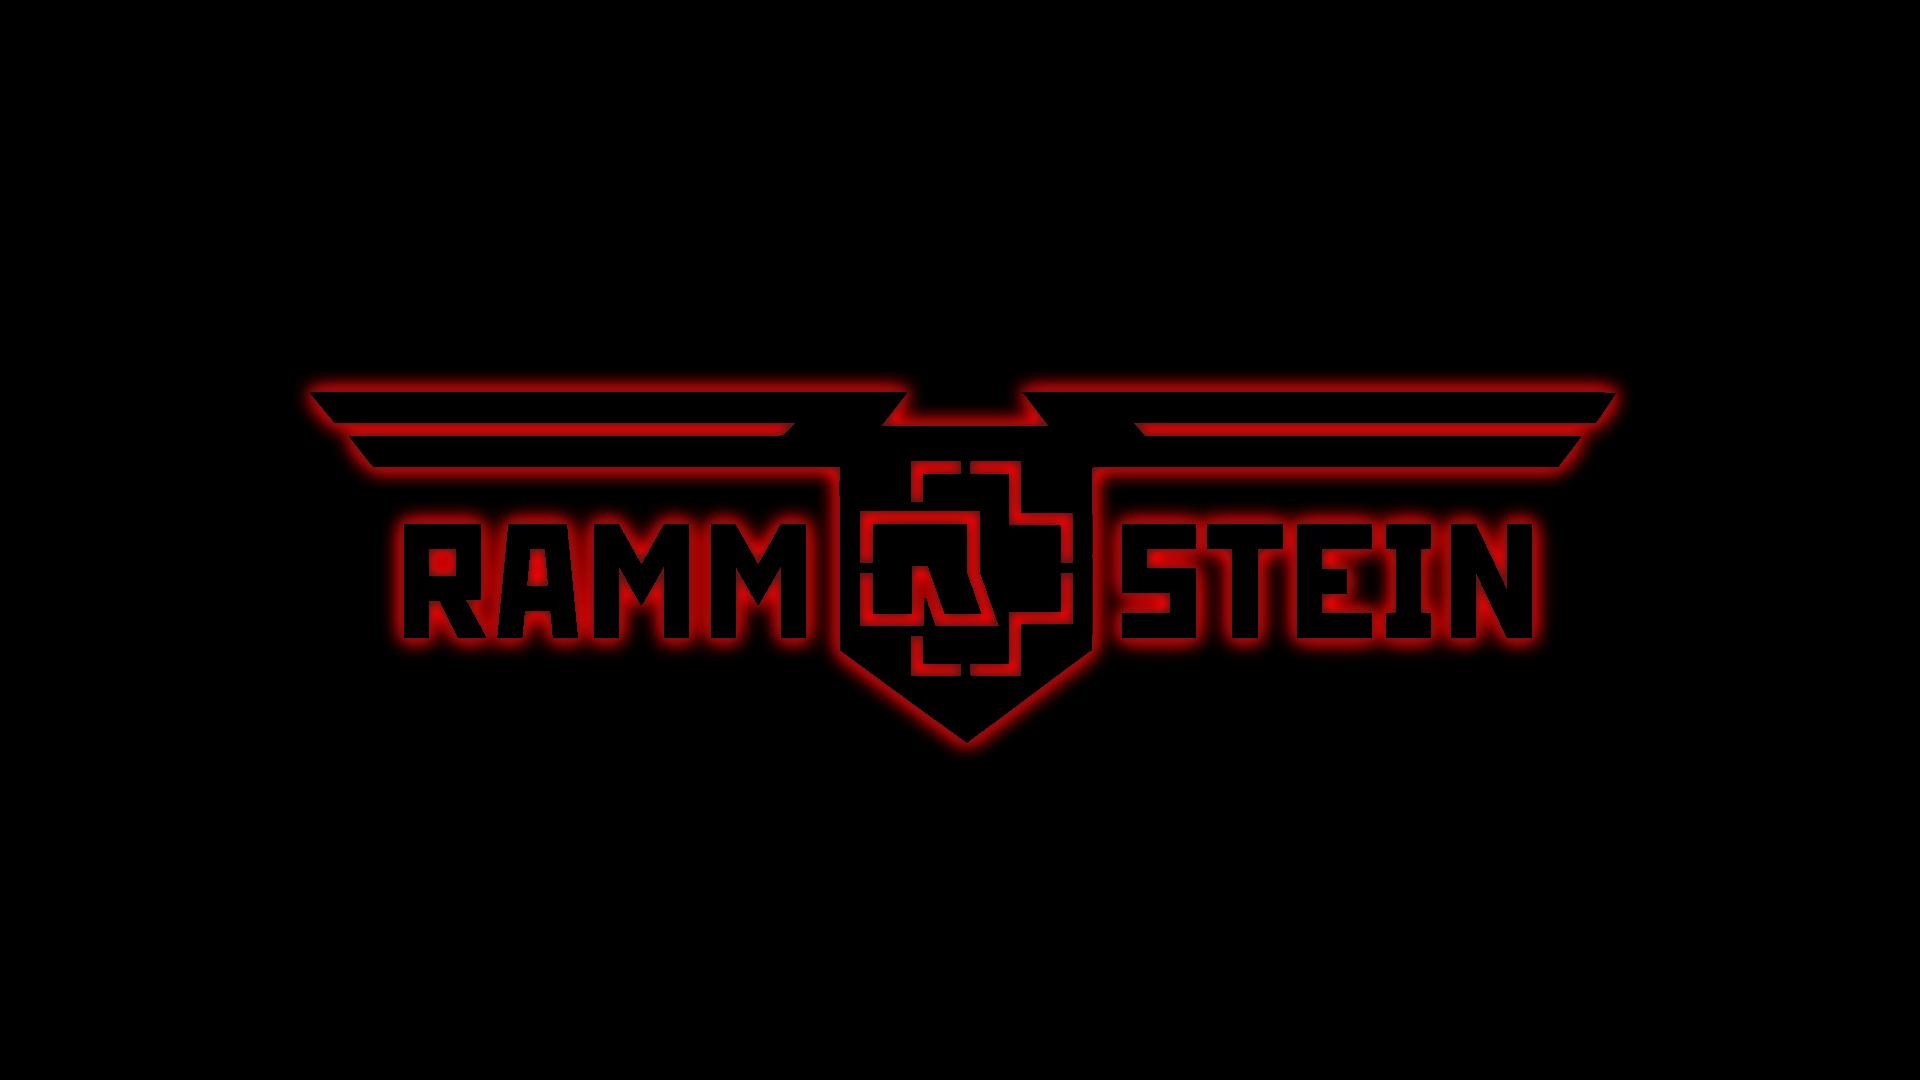 Rammstein HD Wallpaper